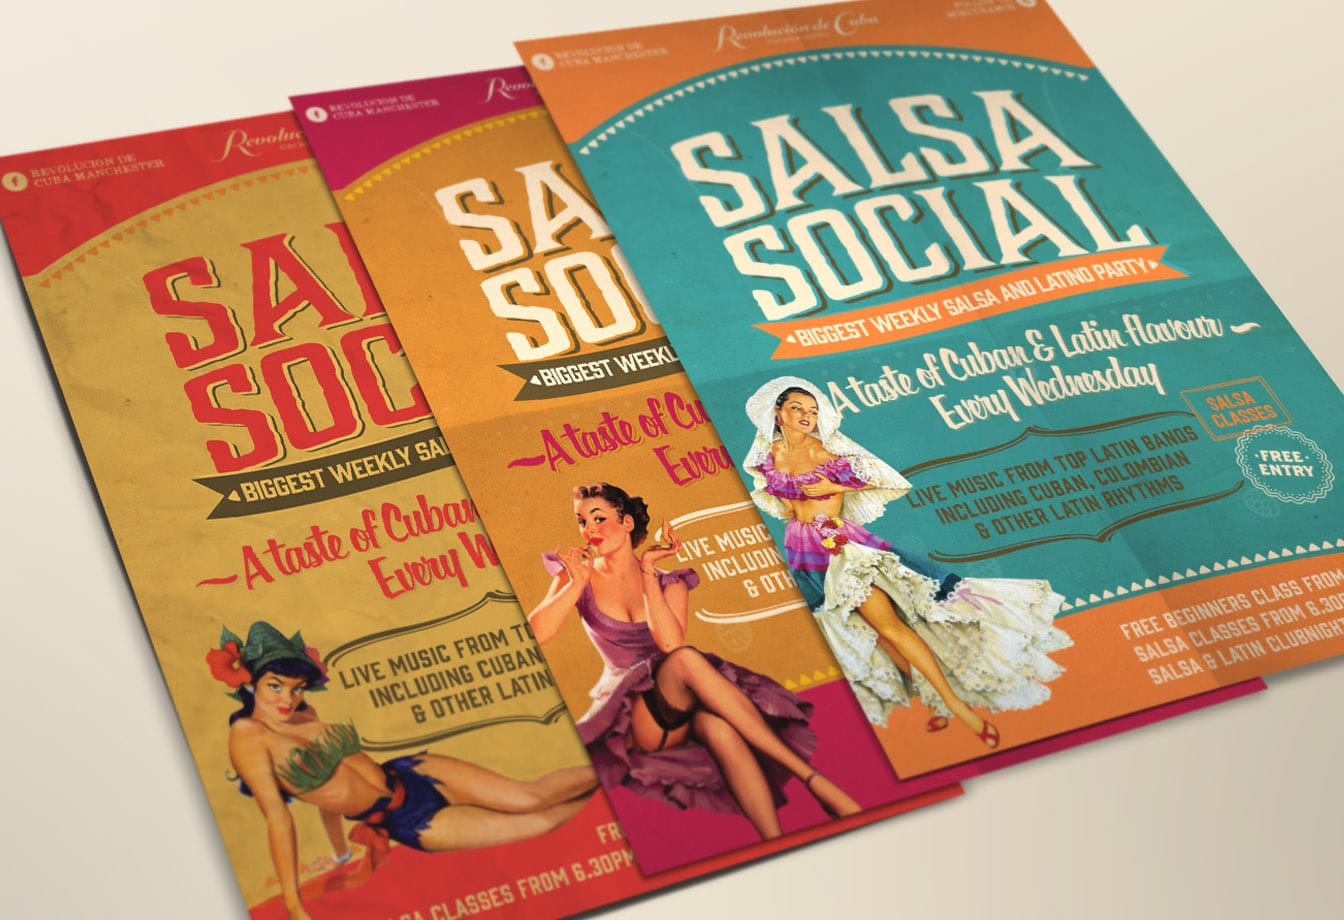 salsa social posters set